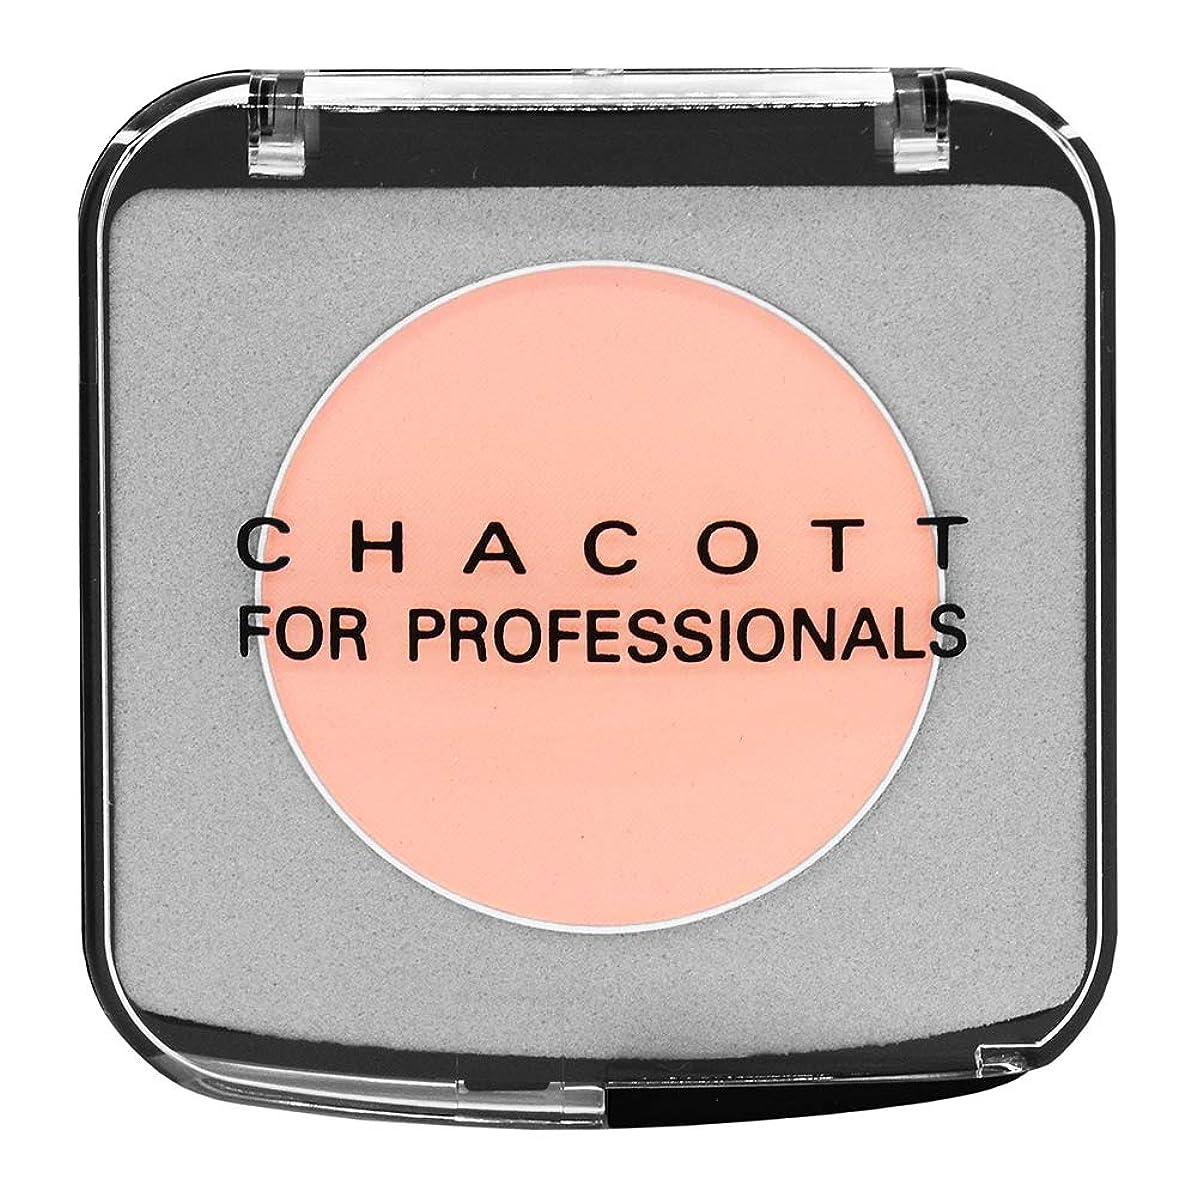 スモッグ大学生会議CHACOTT<チャコット> カラーバリエーション 616.サーモン